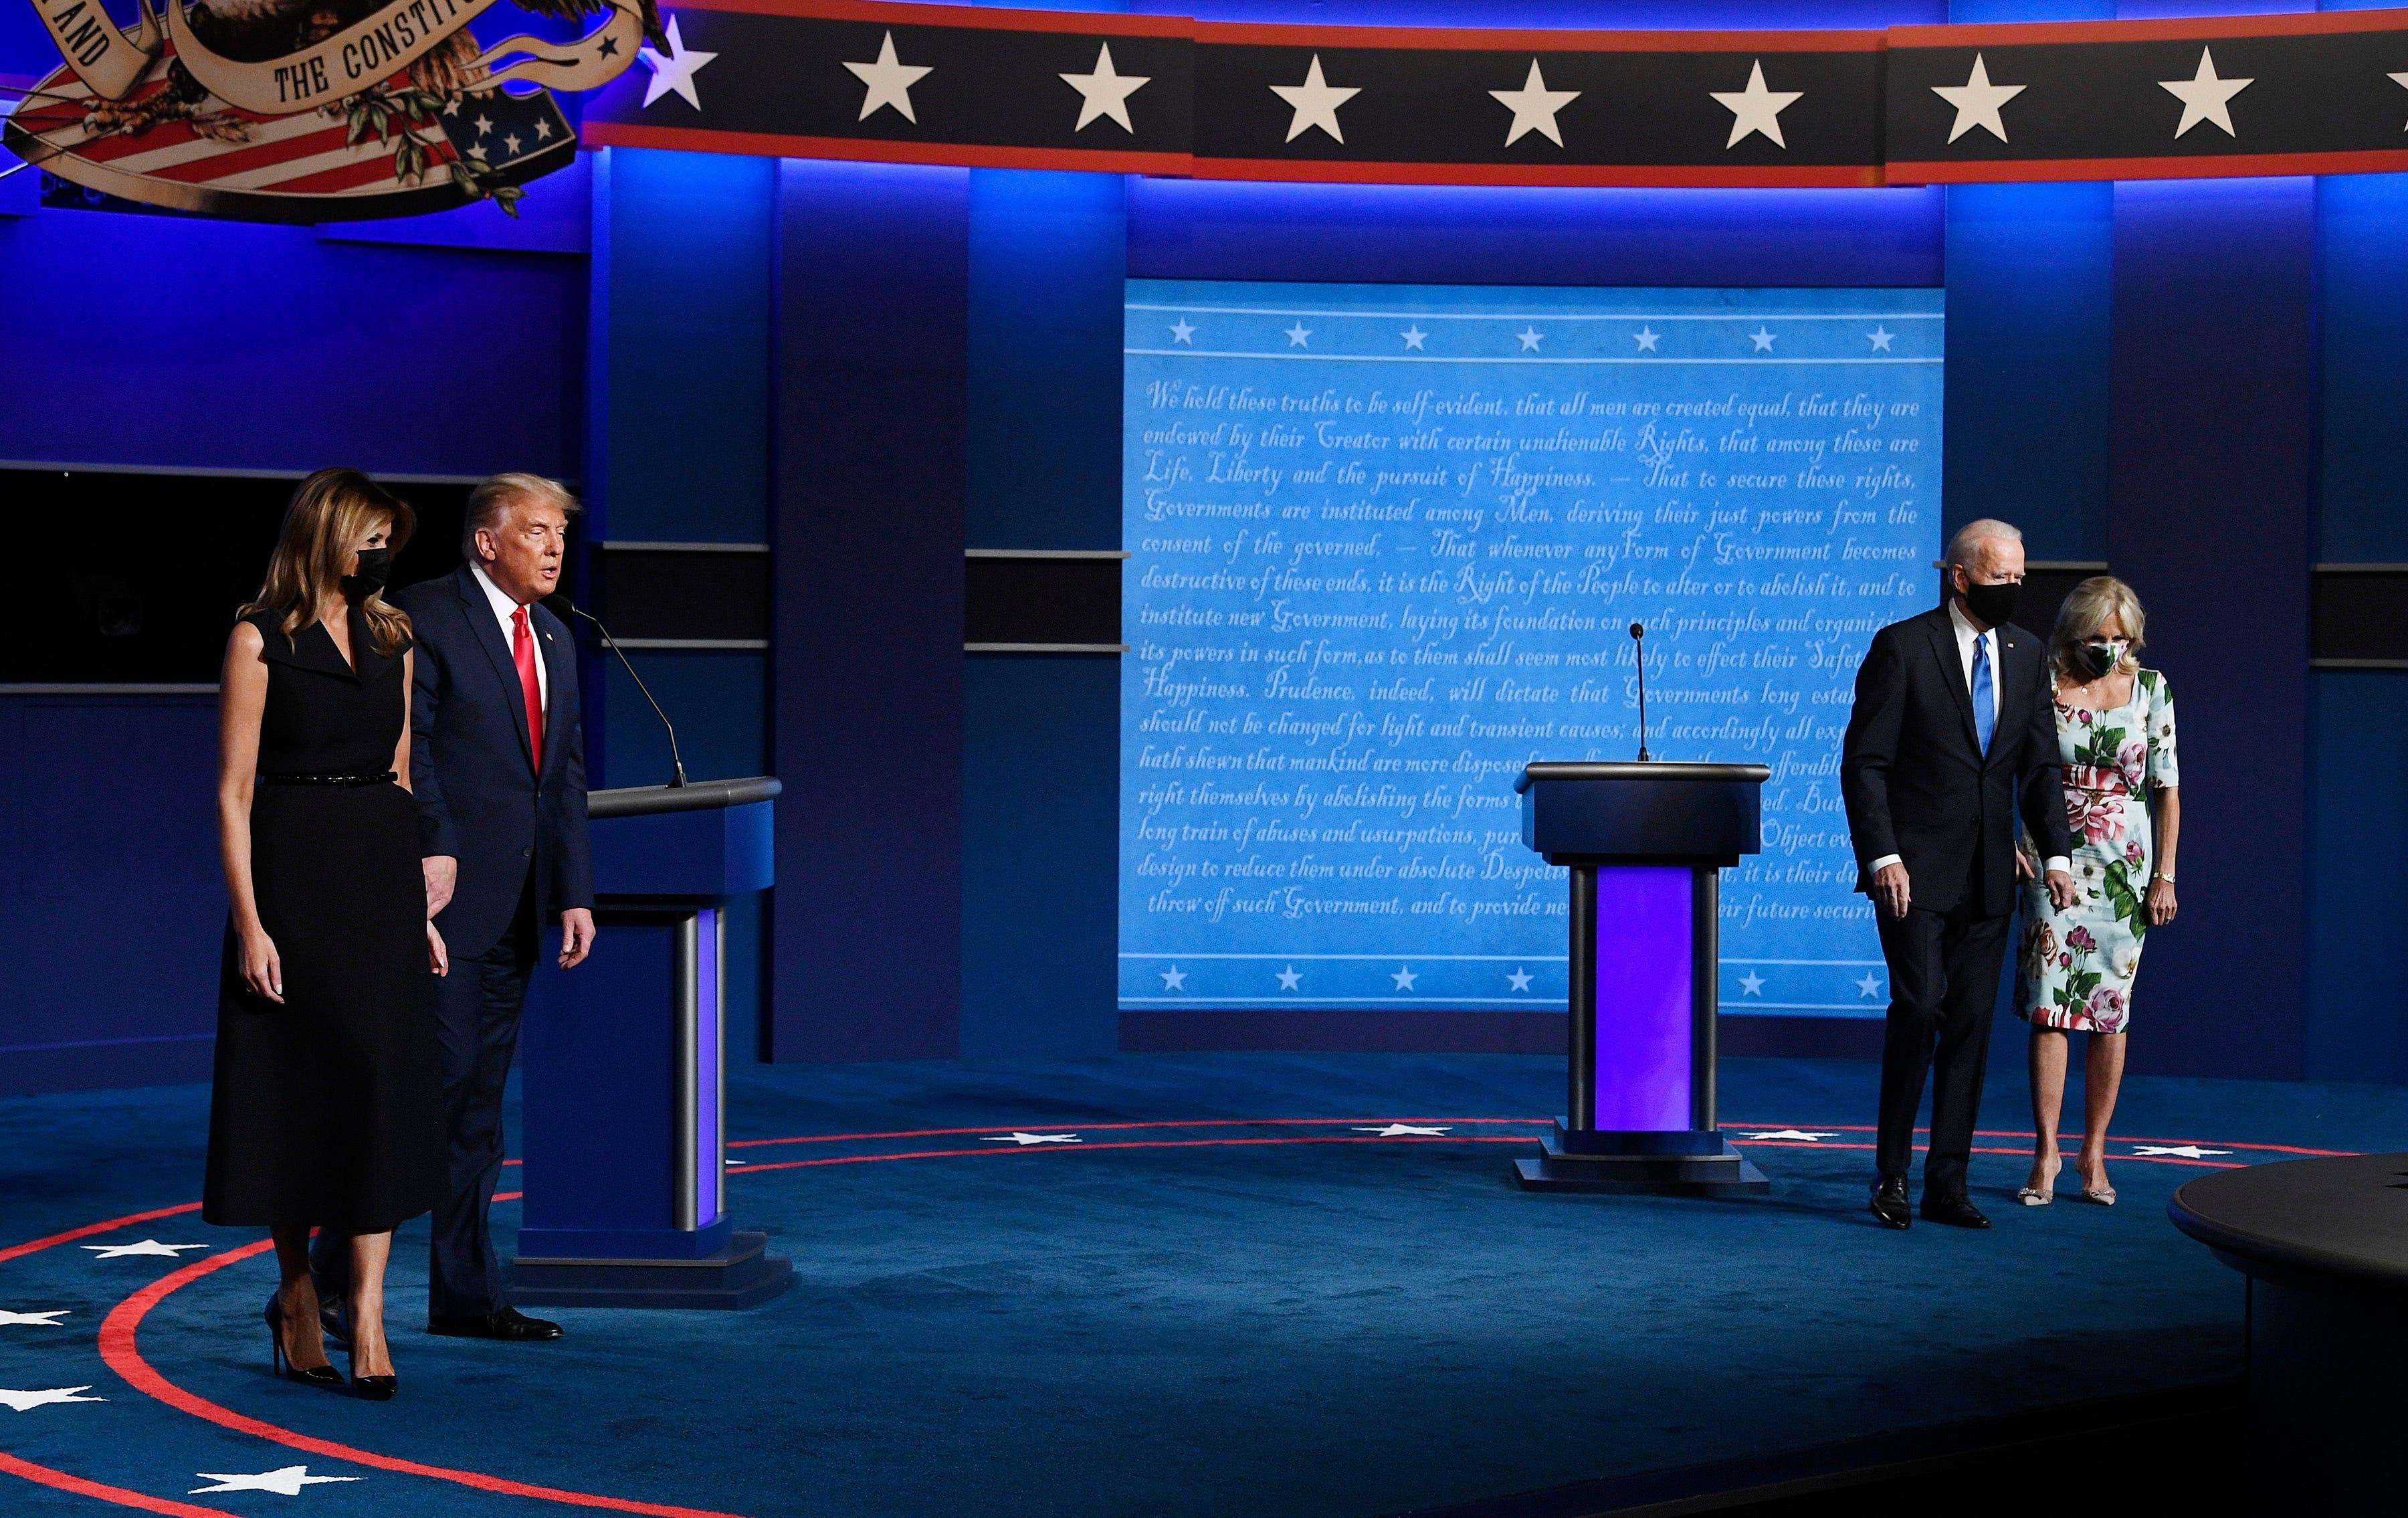 The presidential debate.